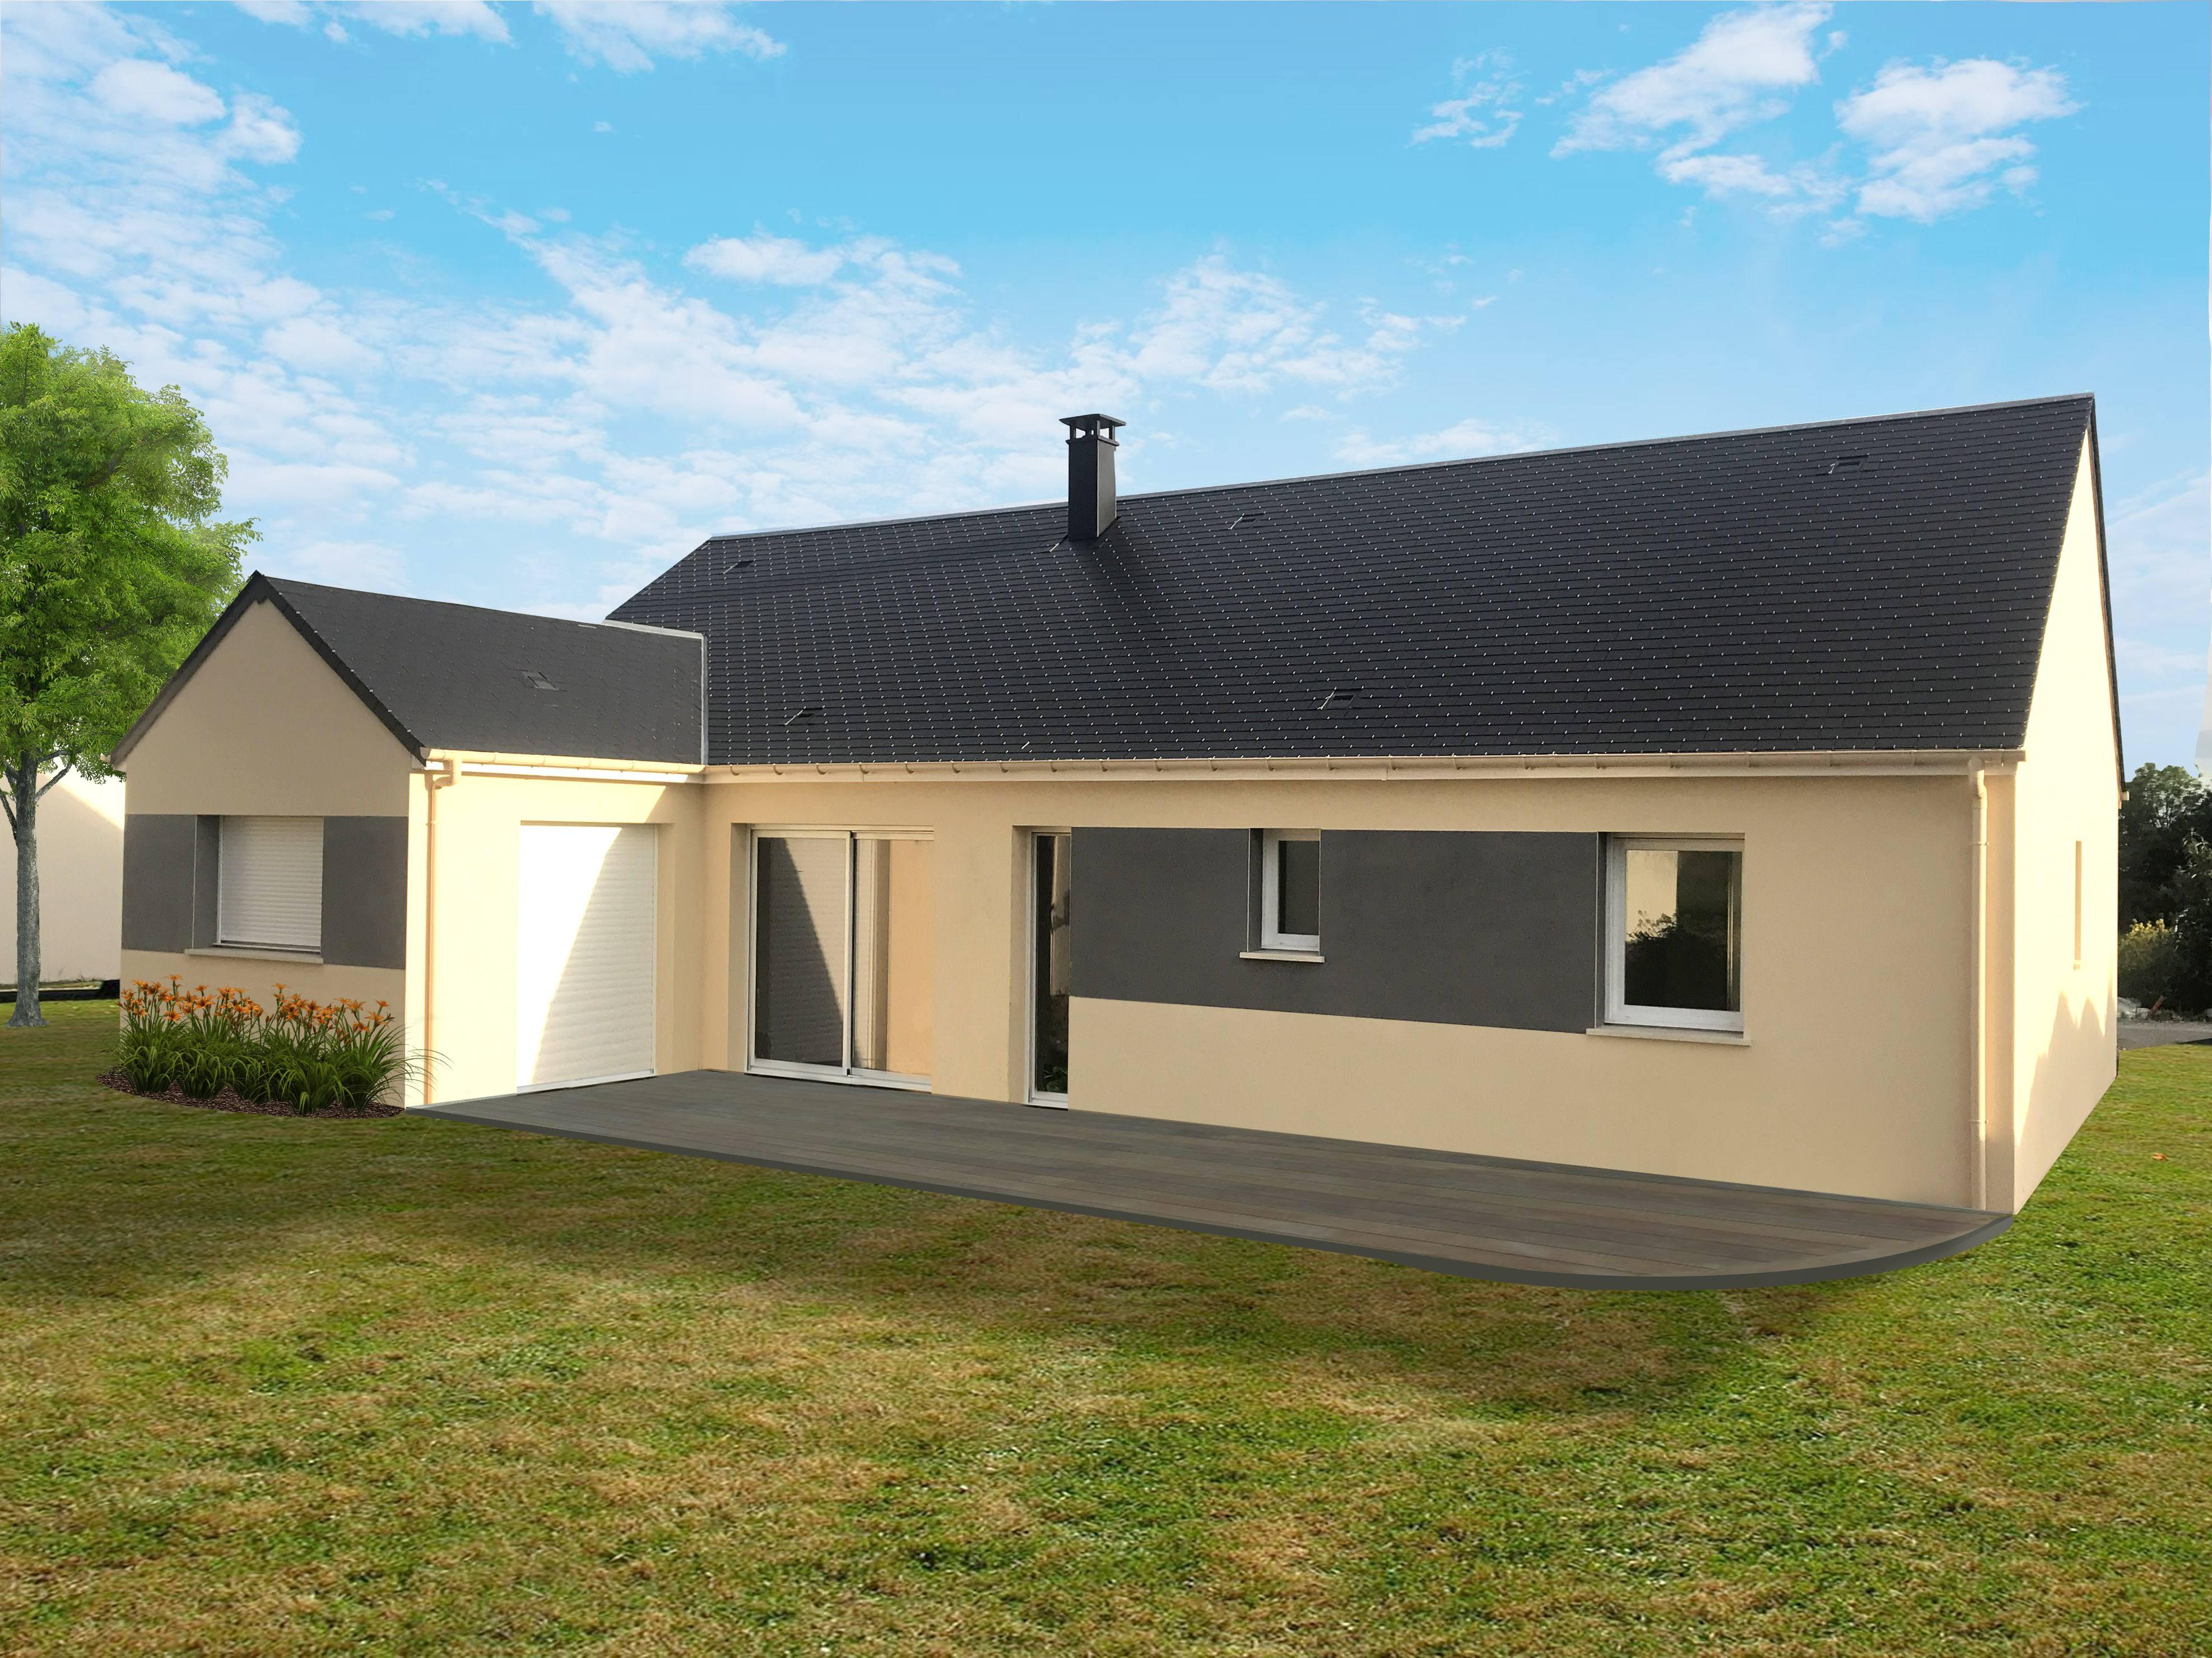 Maisons + Terrains du constructeur MAISON CASTOR • 122 m² • SAINT CLAIR SUR EPTE